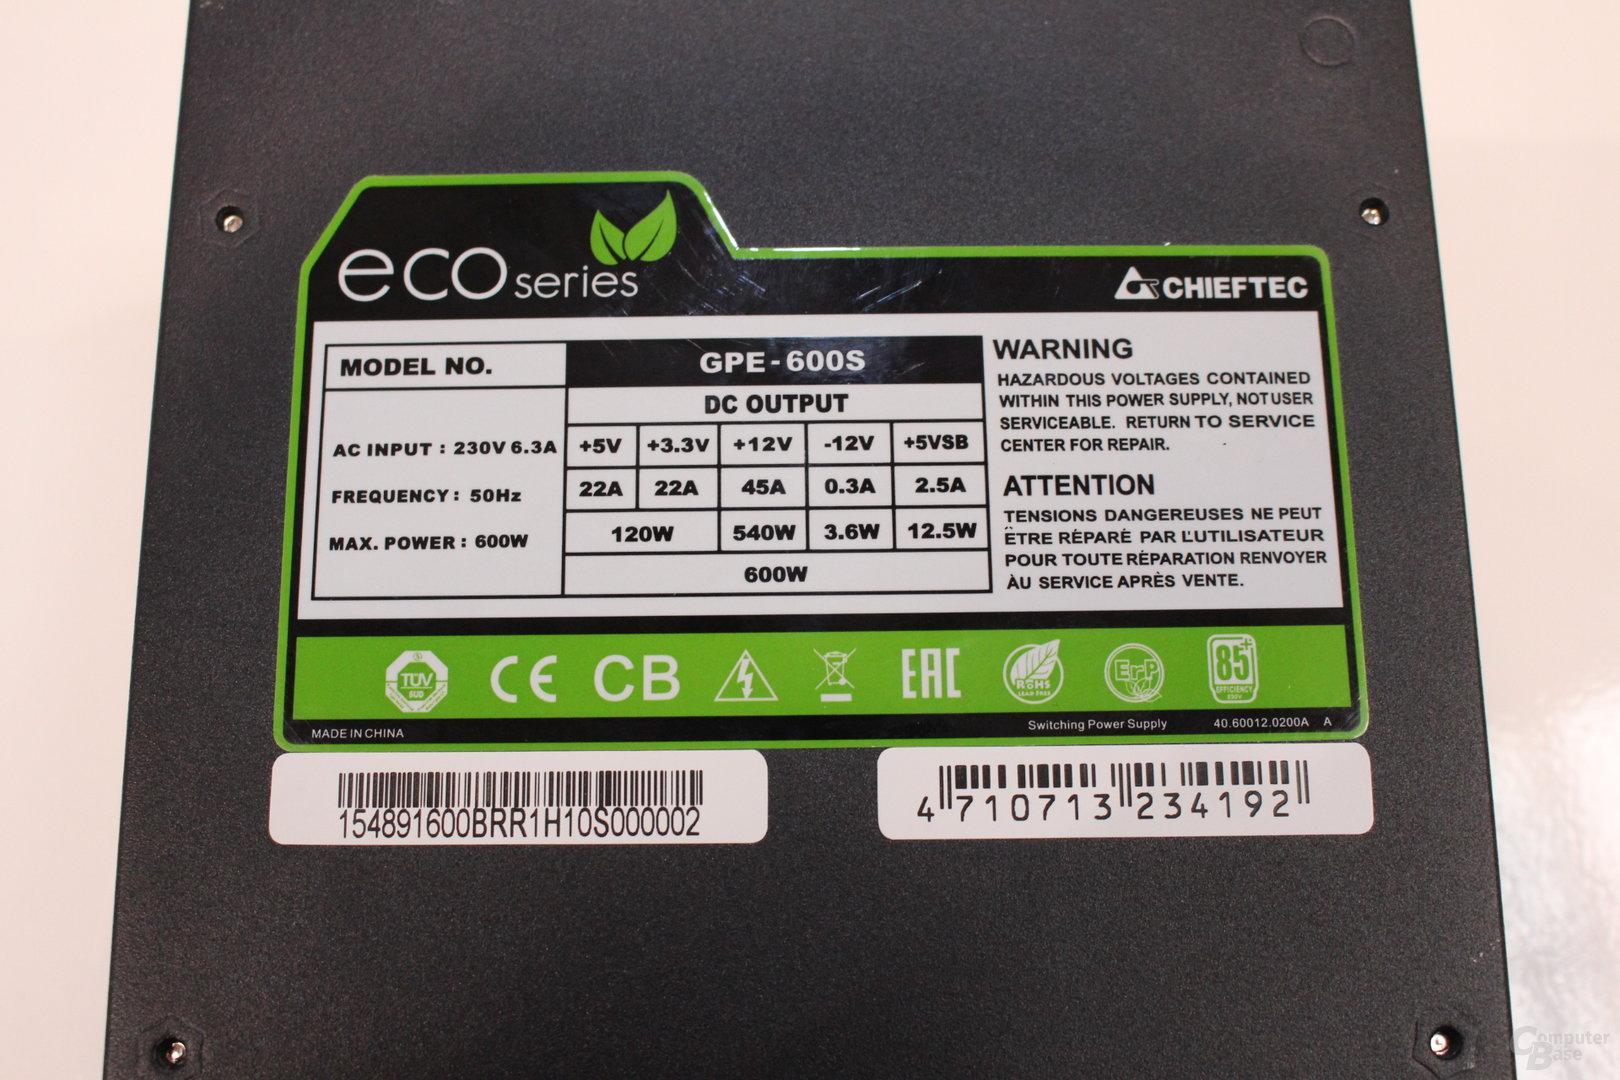 Chieftec Eco